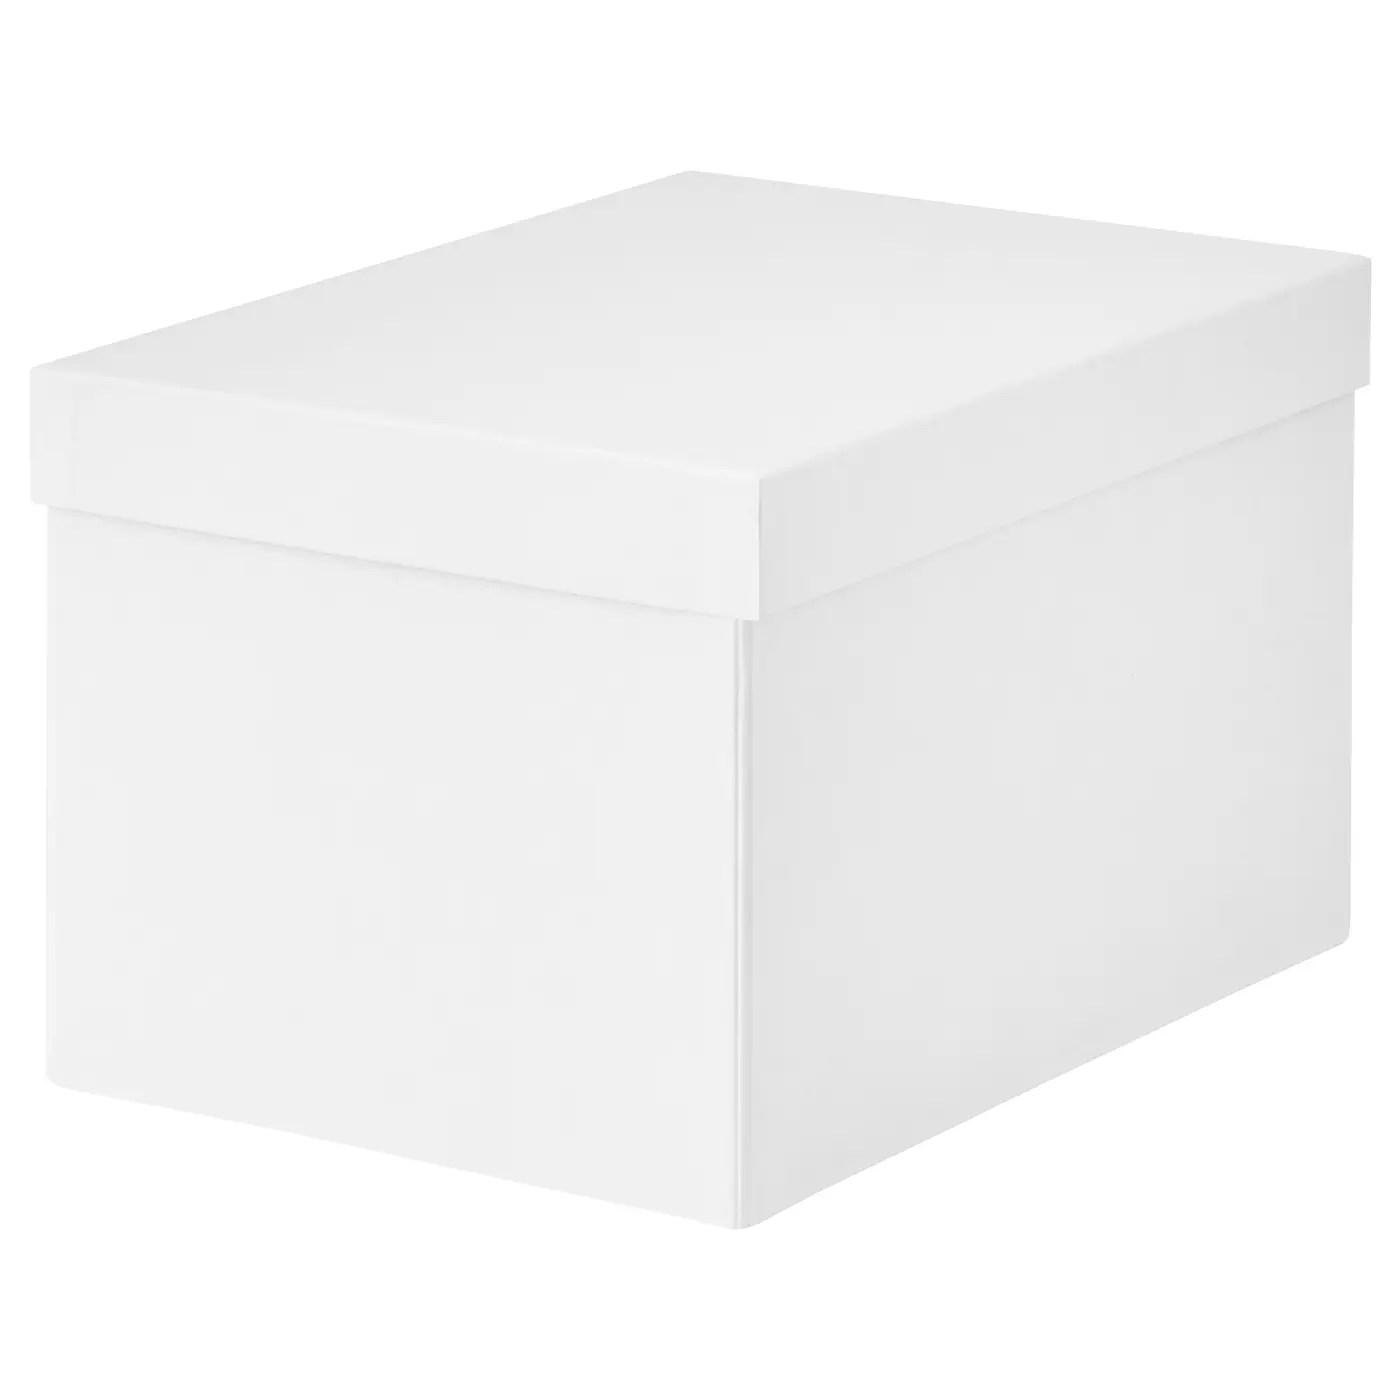 Ikea Boite Carton | Boite De Rangement En Carton Boite E Rangement Boite